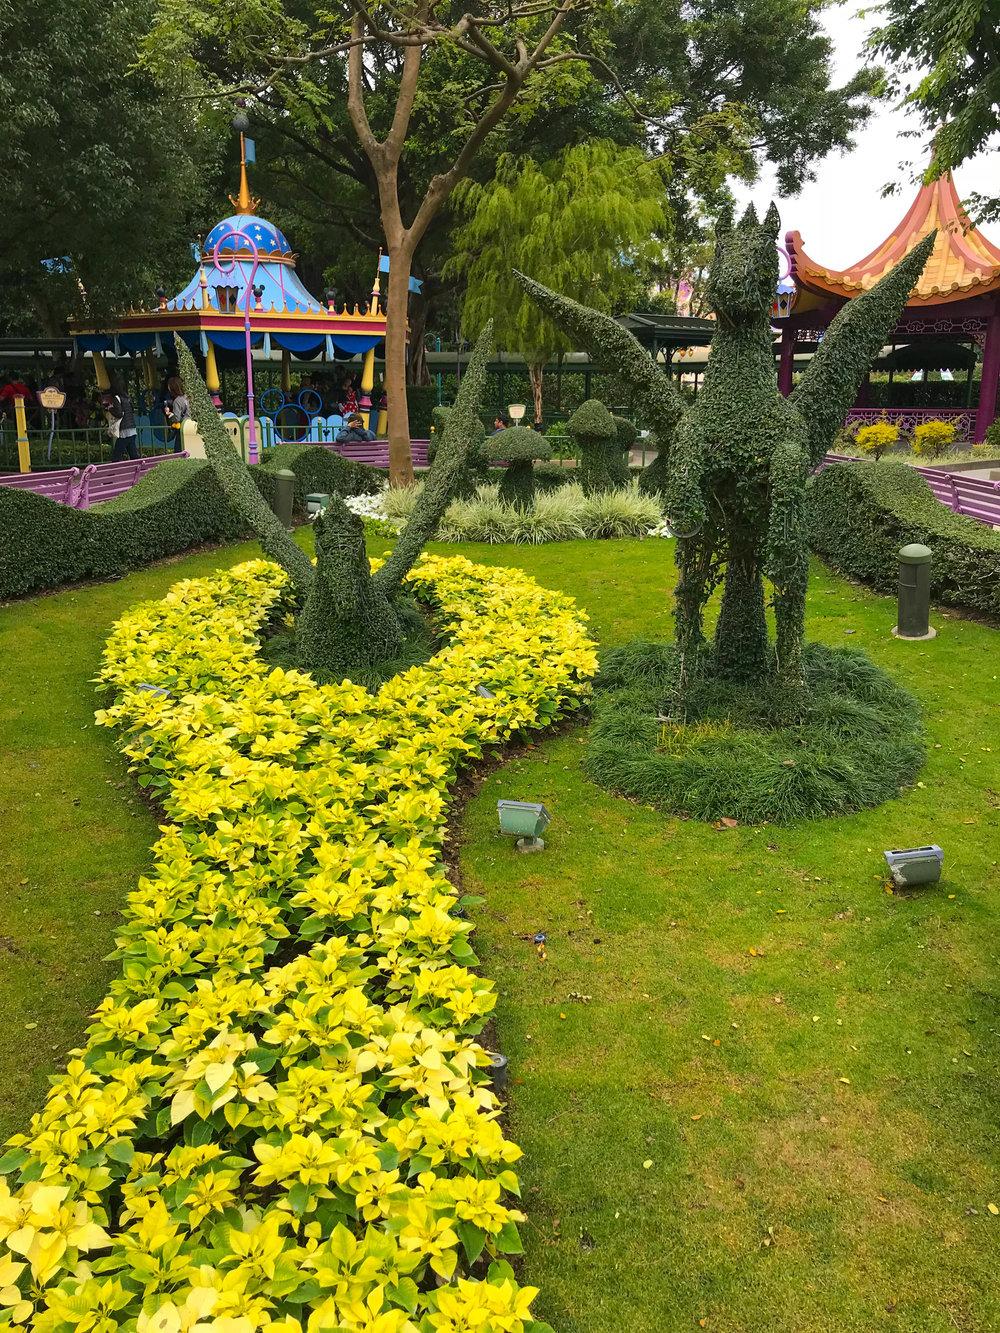 Hong Kong Disneyland Fantasyland Fantasia GardenPegasus